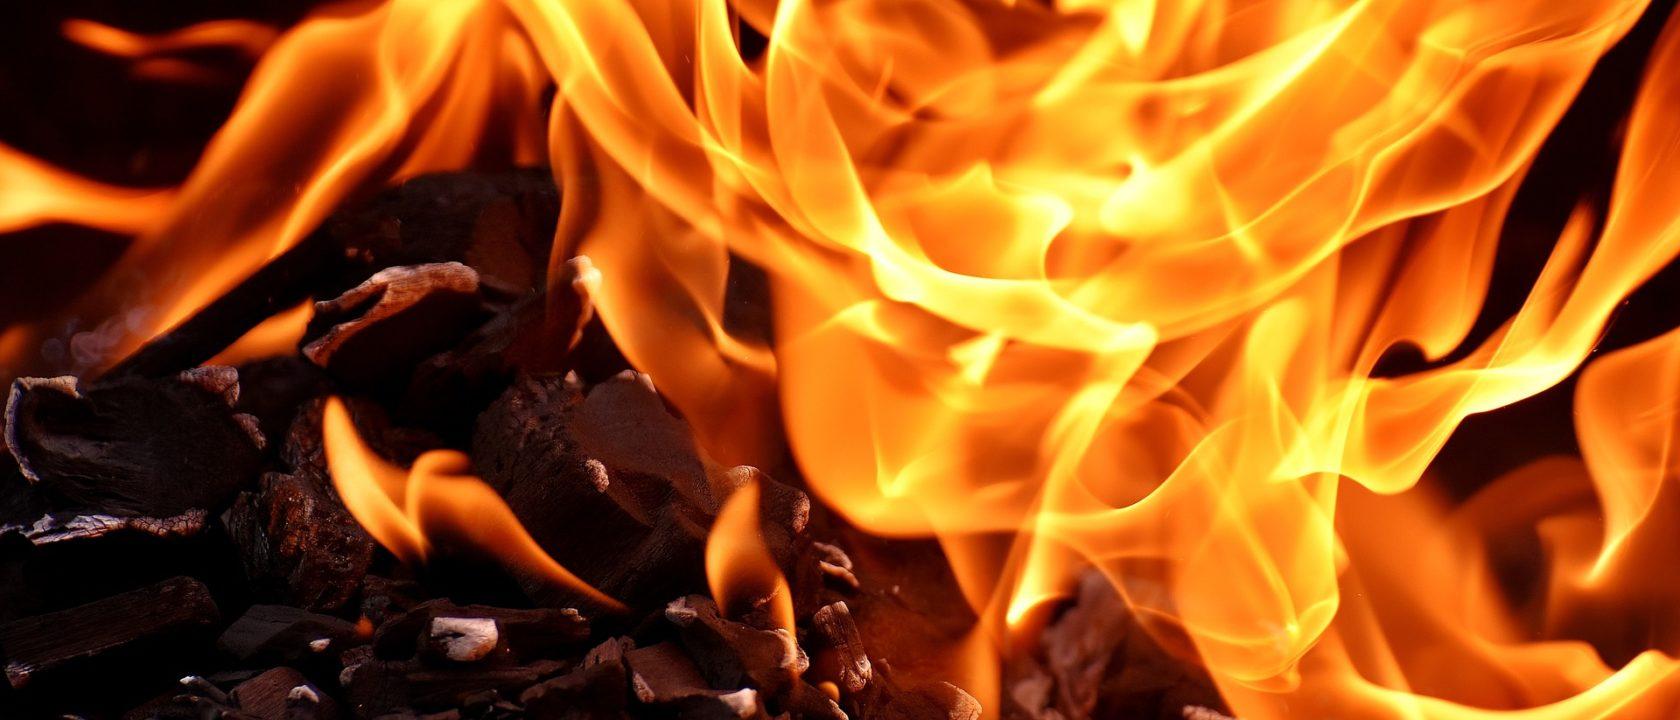 Küllerin üzerinde alevler çılgınca yanıyor.